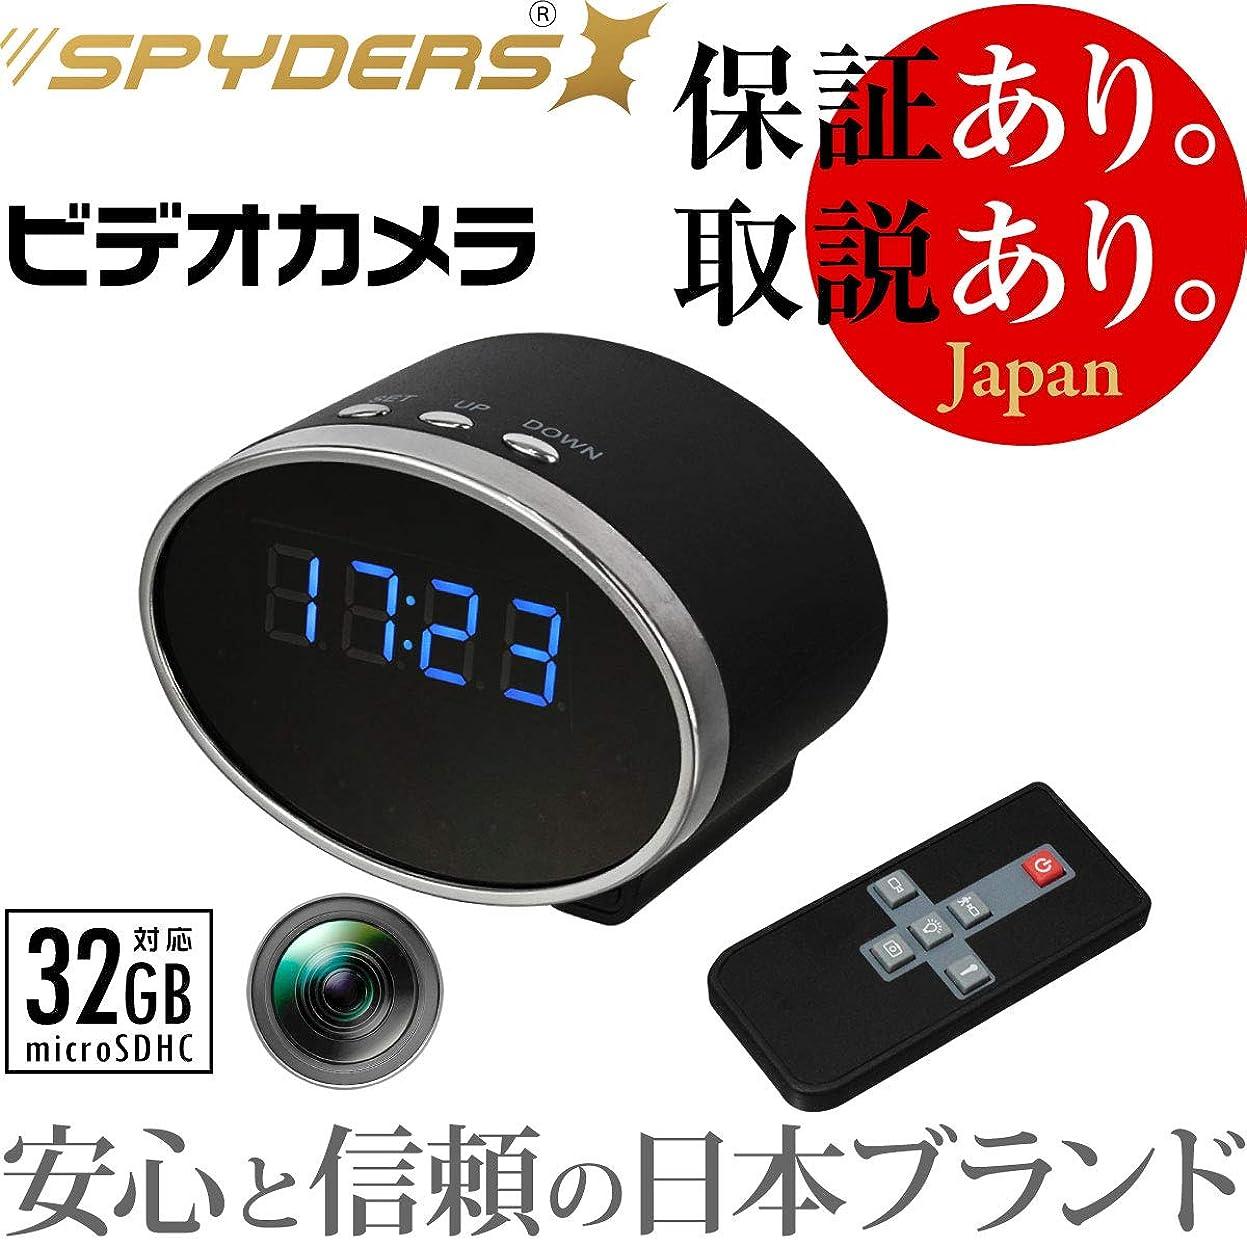 所得貨物コントラストスパイダーズX 置時計型カメラ(R-231)